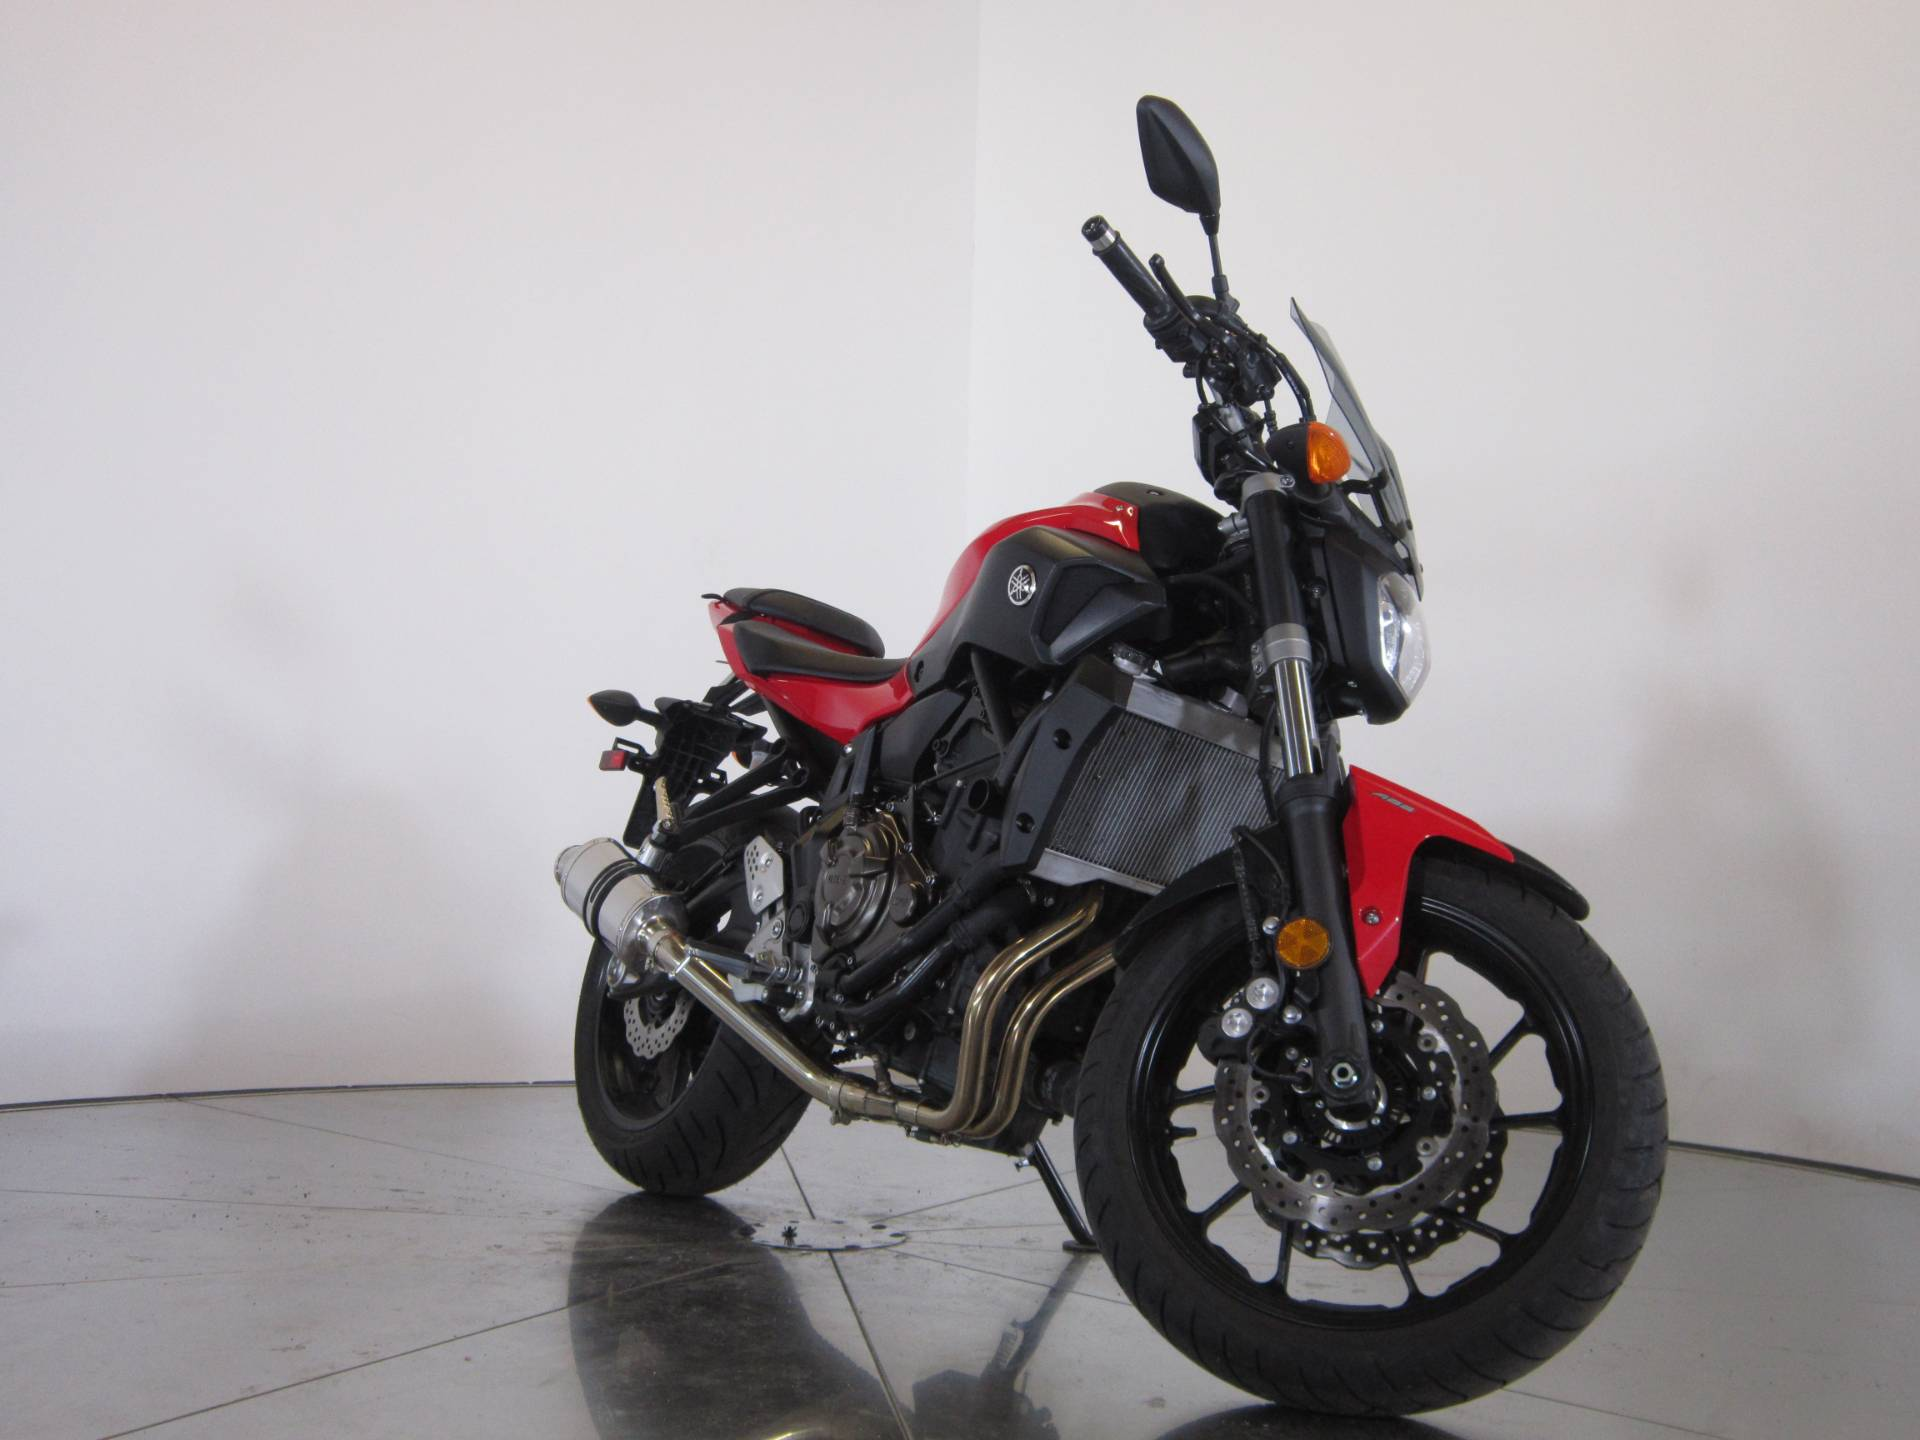 2017 Yamaha FZ-07 2